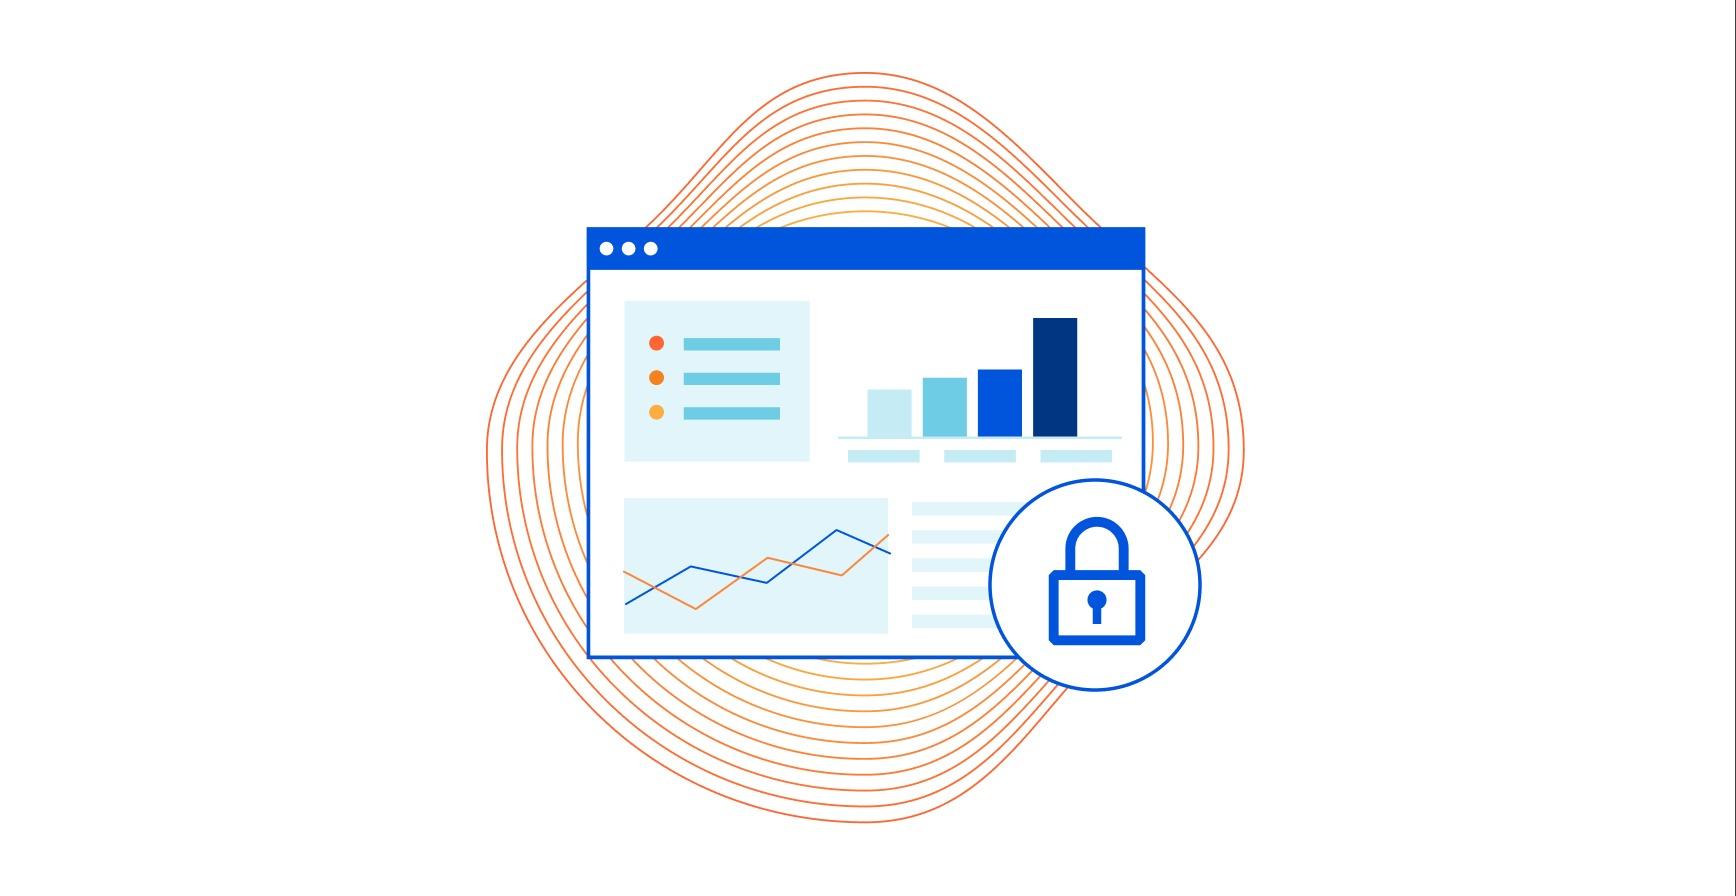 Cloudflare lance une plateforme d'analyse WordPress axée sur la protection de la vie privée